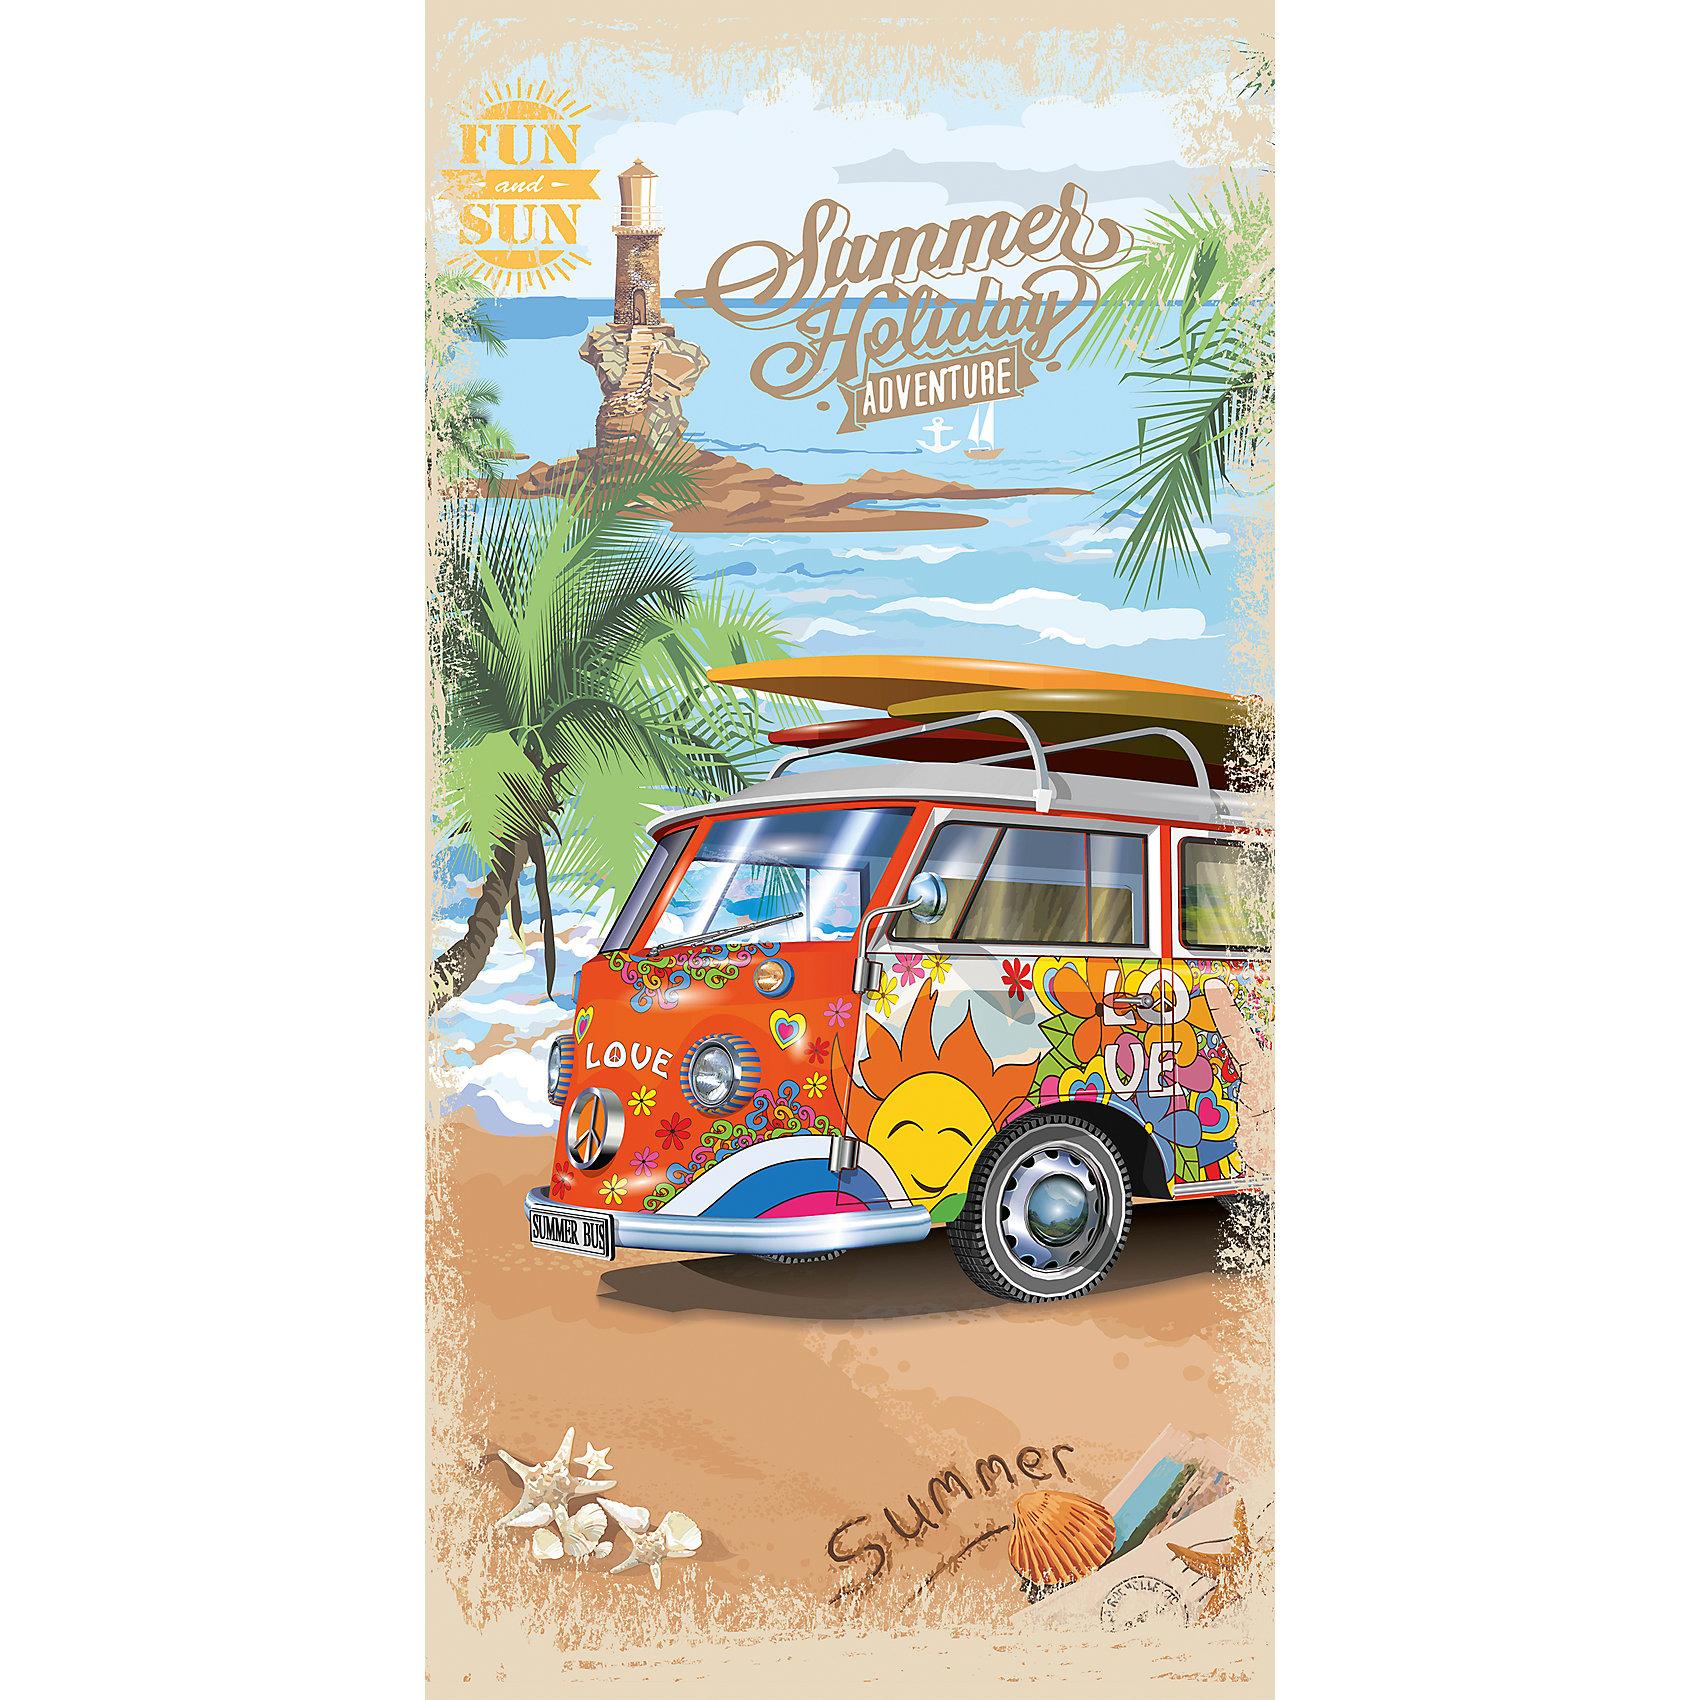 Полотенце 70*140 Summer Bus, Mona LizaПляжные полотенца<br>Характеристики:<br><br>• материал: махра<br>• состав: 70% хлопок, 30% велюр<br>• размер полотенца: 70х140 см<br>• размер упаковки: 37х1х25 см<br>• вес: 350 грамм<br><br>Яркое и удобное полотенце Summer Bus приятно взять с собой на пляж или использовать дома в ванной комнате. Пляжное полотенце изготовлено из мягкого материала, который быстро поглощает влагу, обеспечивая вам сухость и комфорт во время использования. Махровое полотенце не вызывает аллергии, благодаря чему его можно использовать людям с чувствительной кожей. Полотенце не мнется и хорошо поддается стирке, сохраняя насыщенность цвета.<br><br>Полотенце 70*140 Summer Bus, Mona Liza (Мона Лиза) вы можете купить в нашем интернет-магазине.<br><br>Ширина мм: 250<br>Глубина мм: 10<br>Высота мм: 370<br>Вес г: 350<br>Возраст от месяцев: 84<br>Возраст до месяцев: 600<br>Пол: Унисекс<br>Возраст: Детский<br>SKU: 6765287